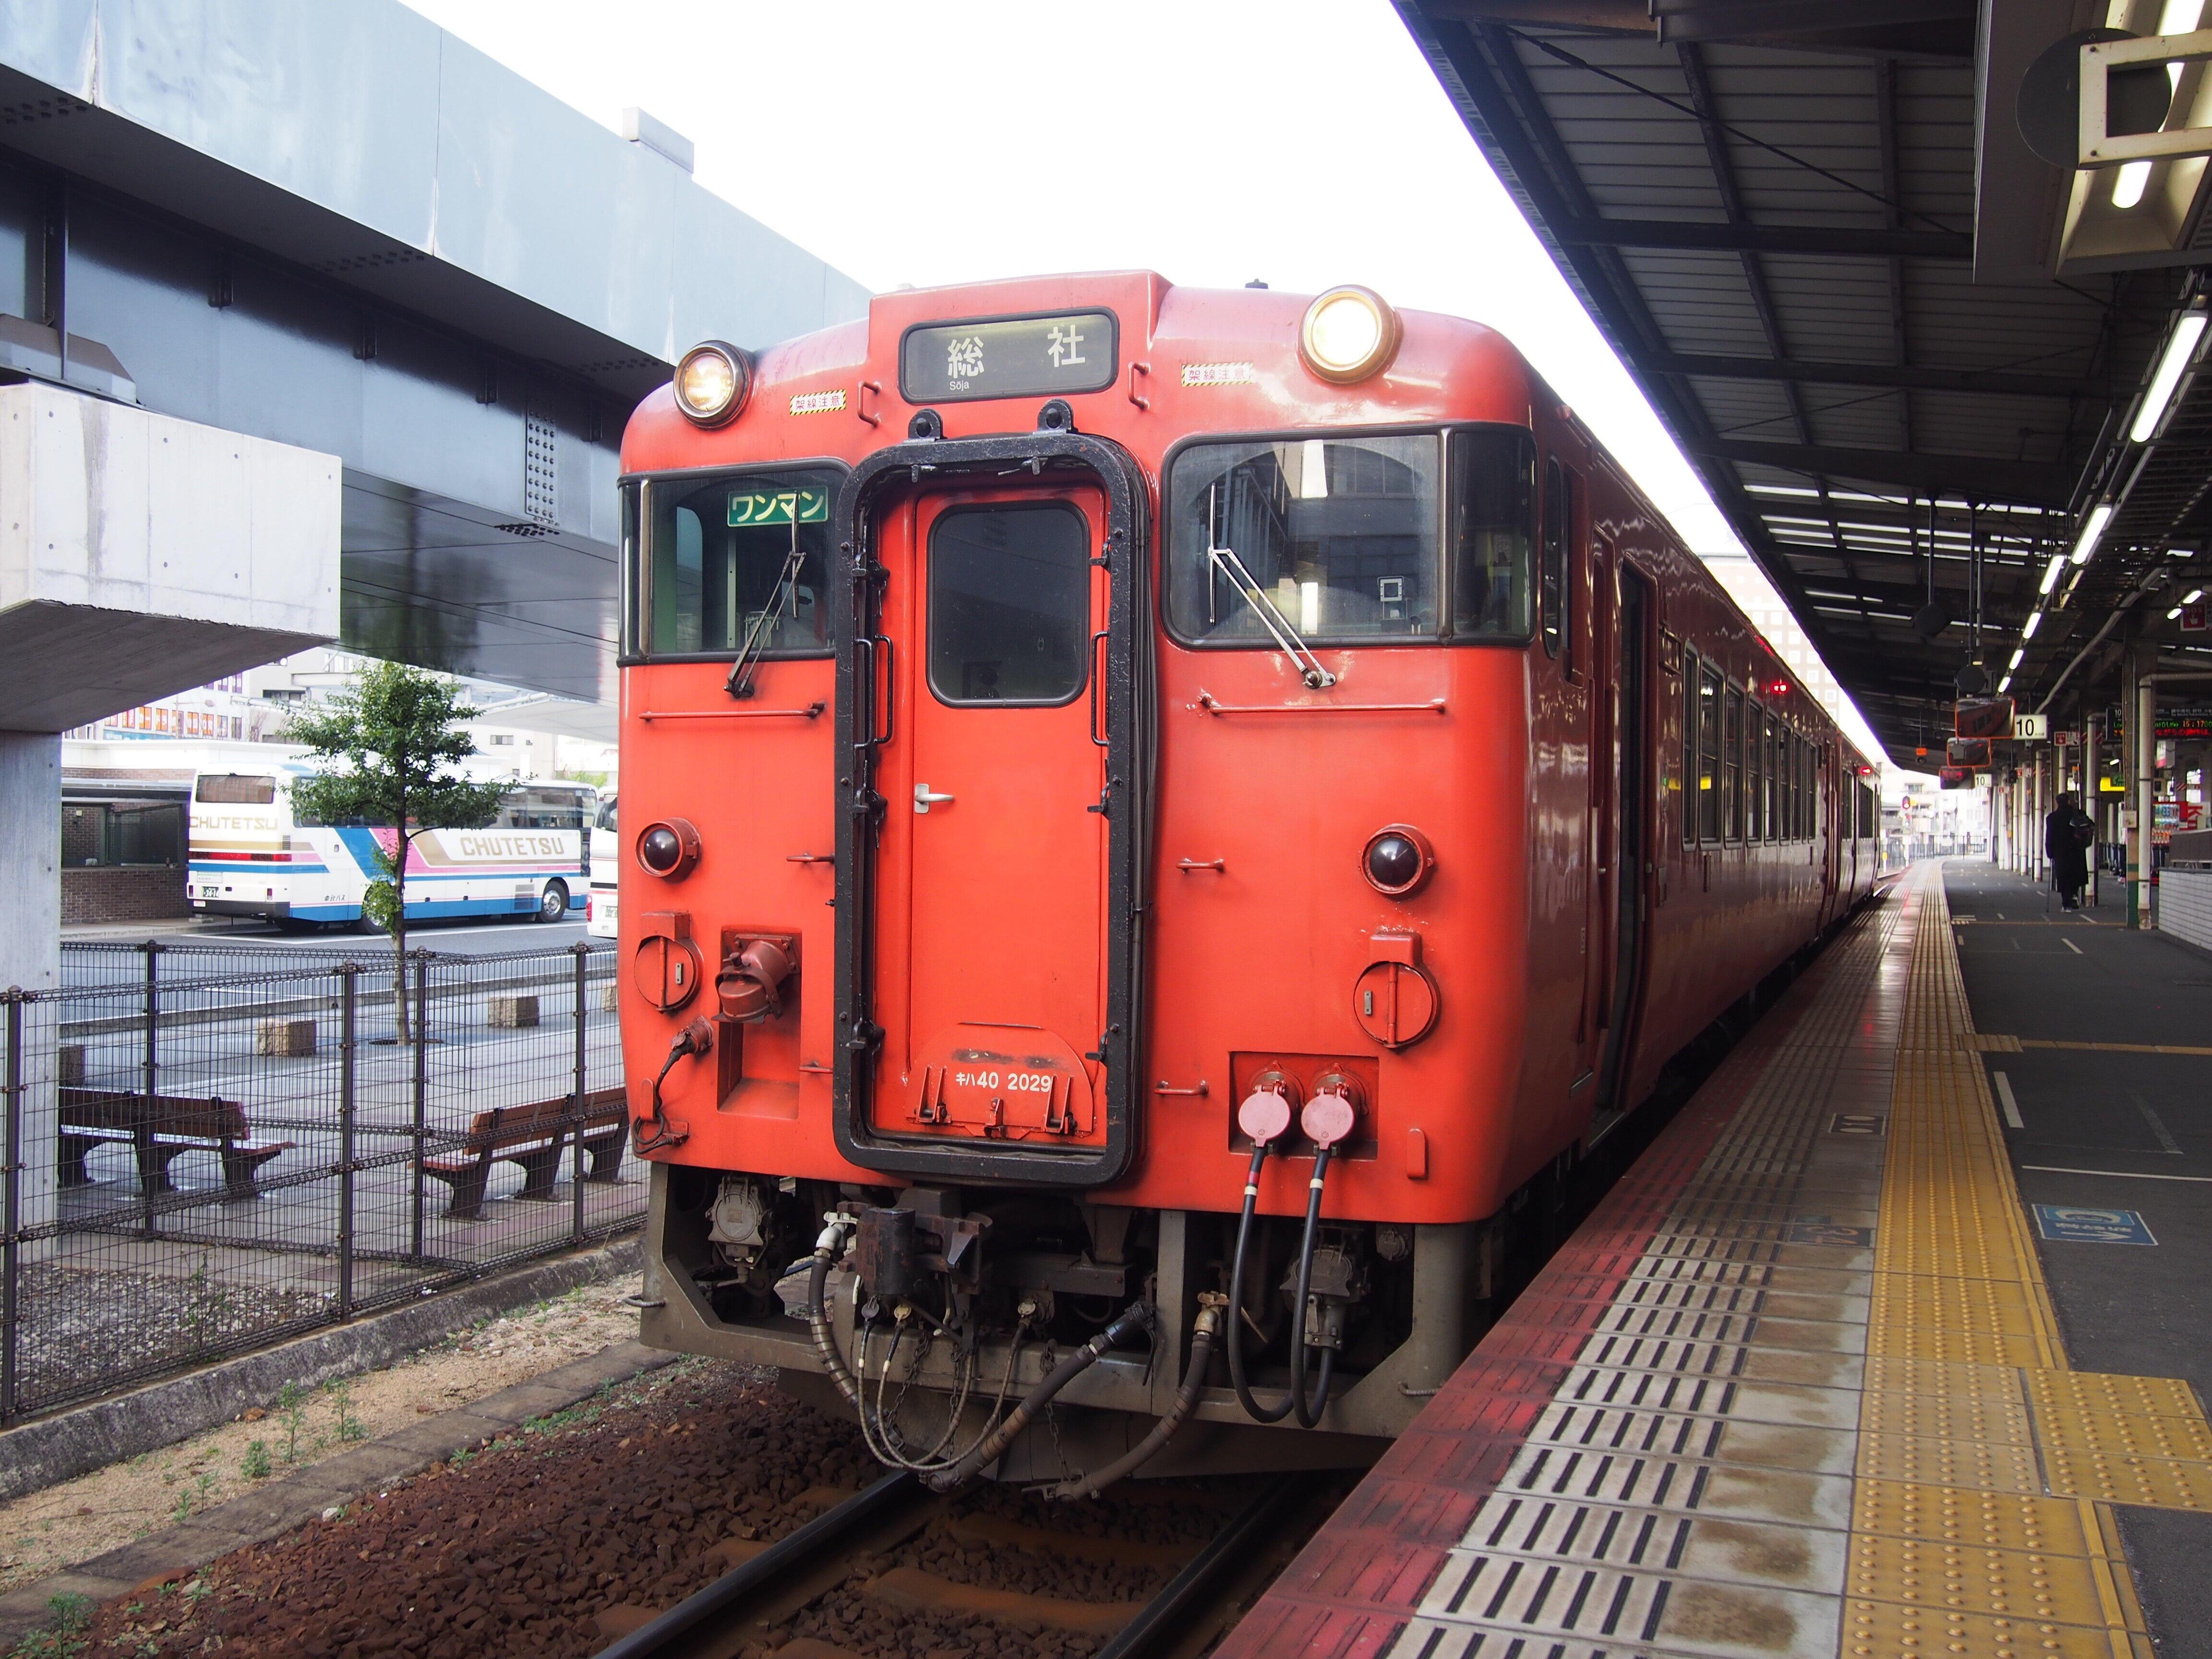 「新しい生活様式」、鉄道の変化を予想 対面ボックスシートは消える?